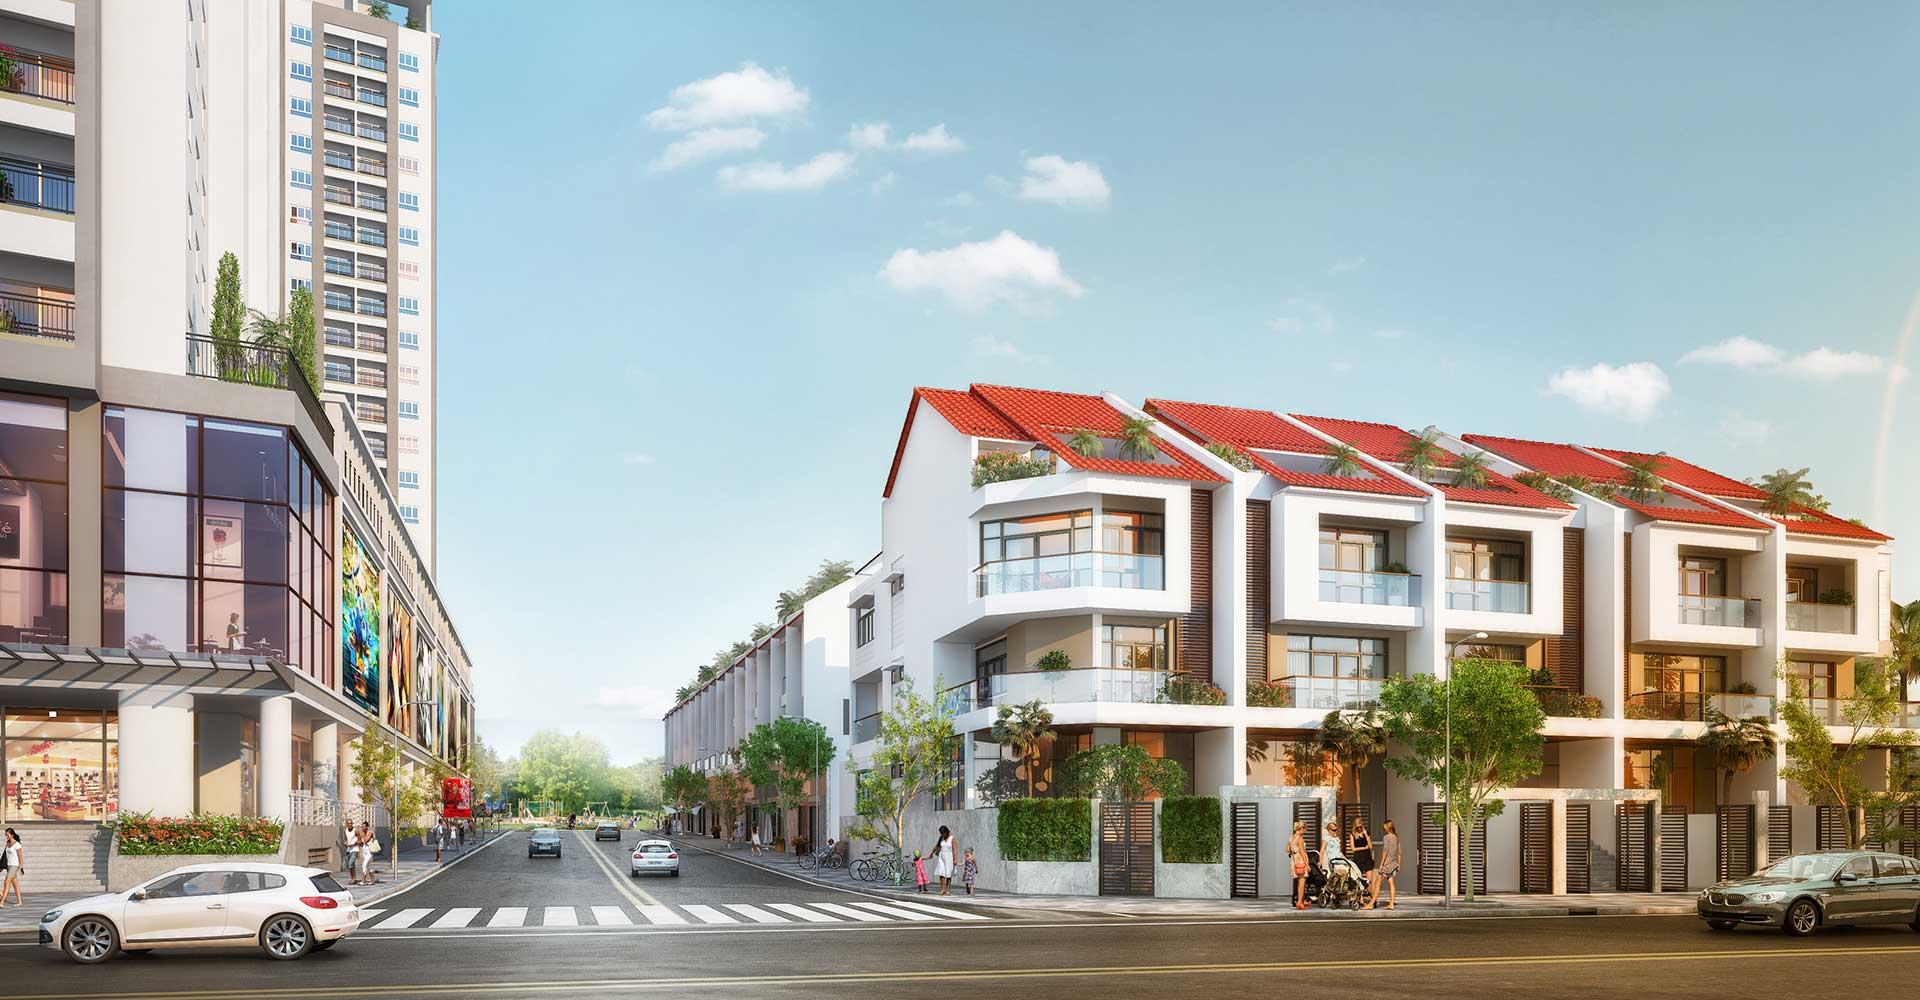 Nhà phố Moonlight Residences mặt tiền Đặng Văn Bi thuận lợi cho cư dân an cư và kinh doanh